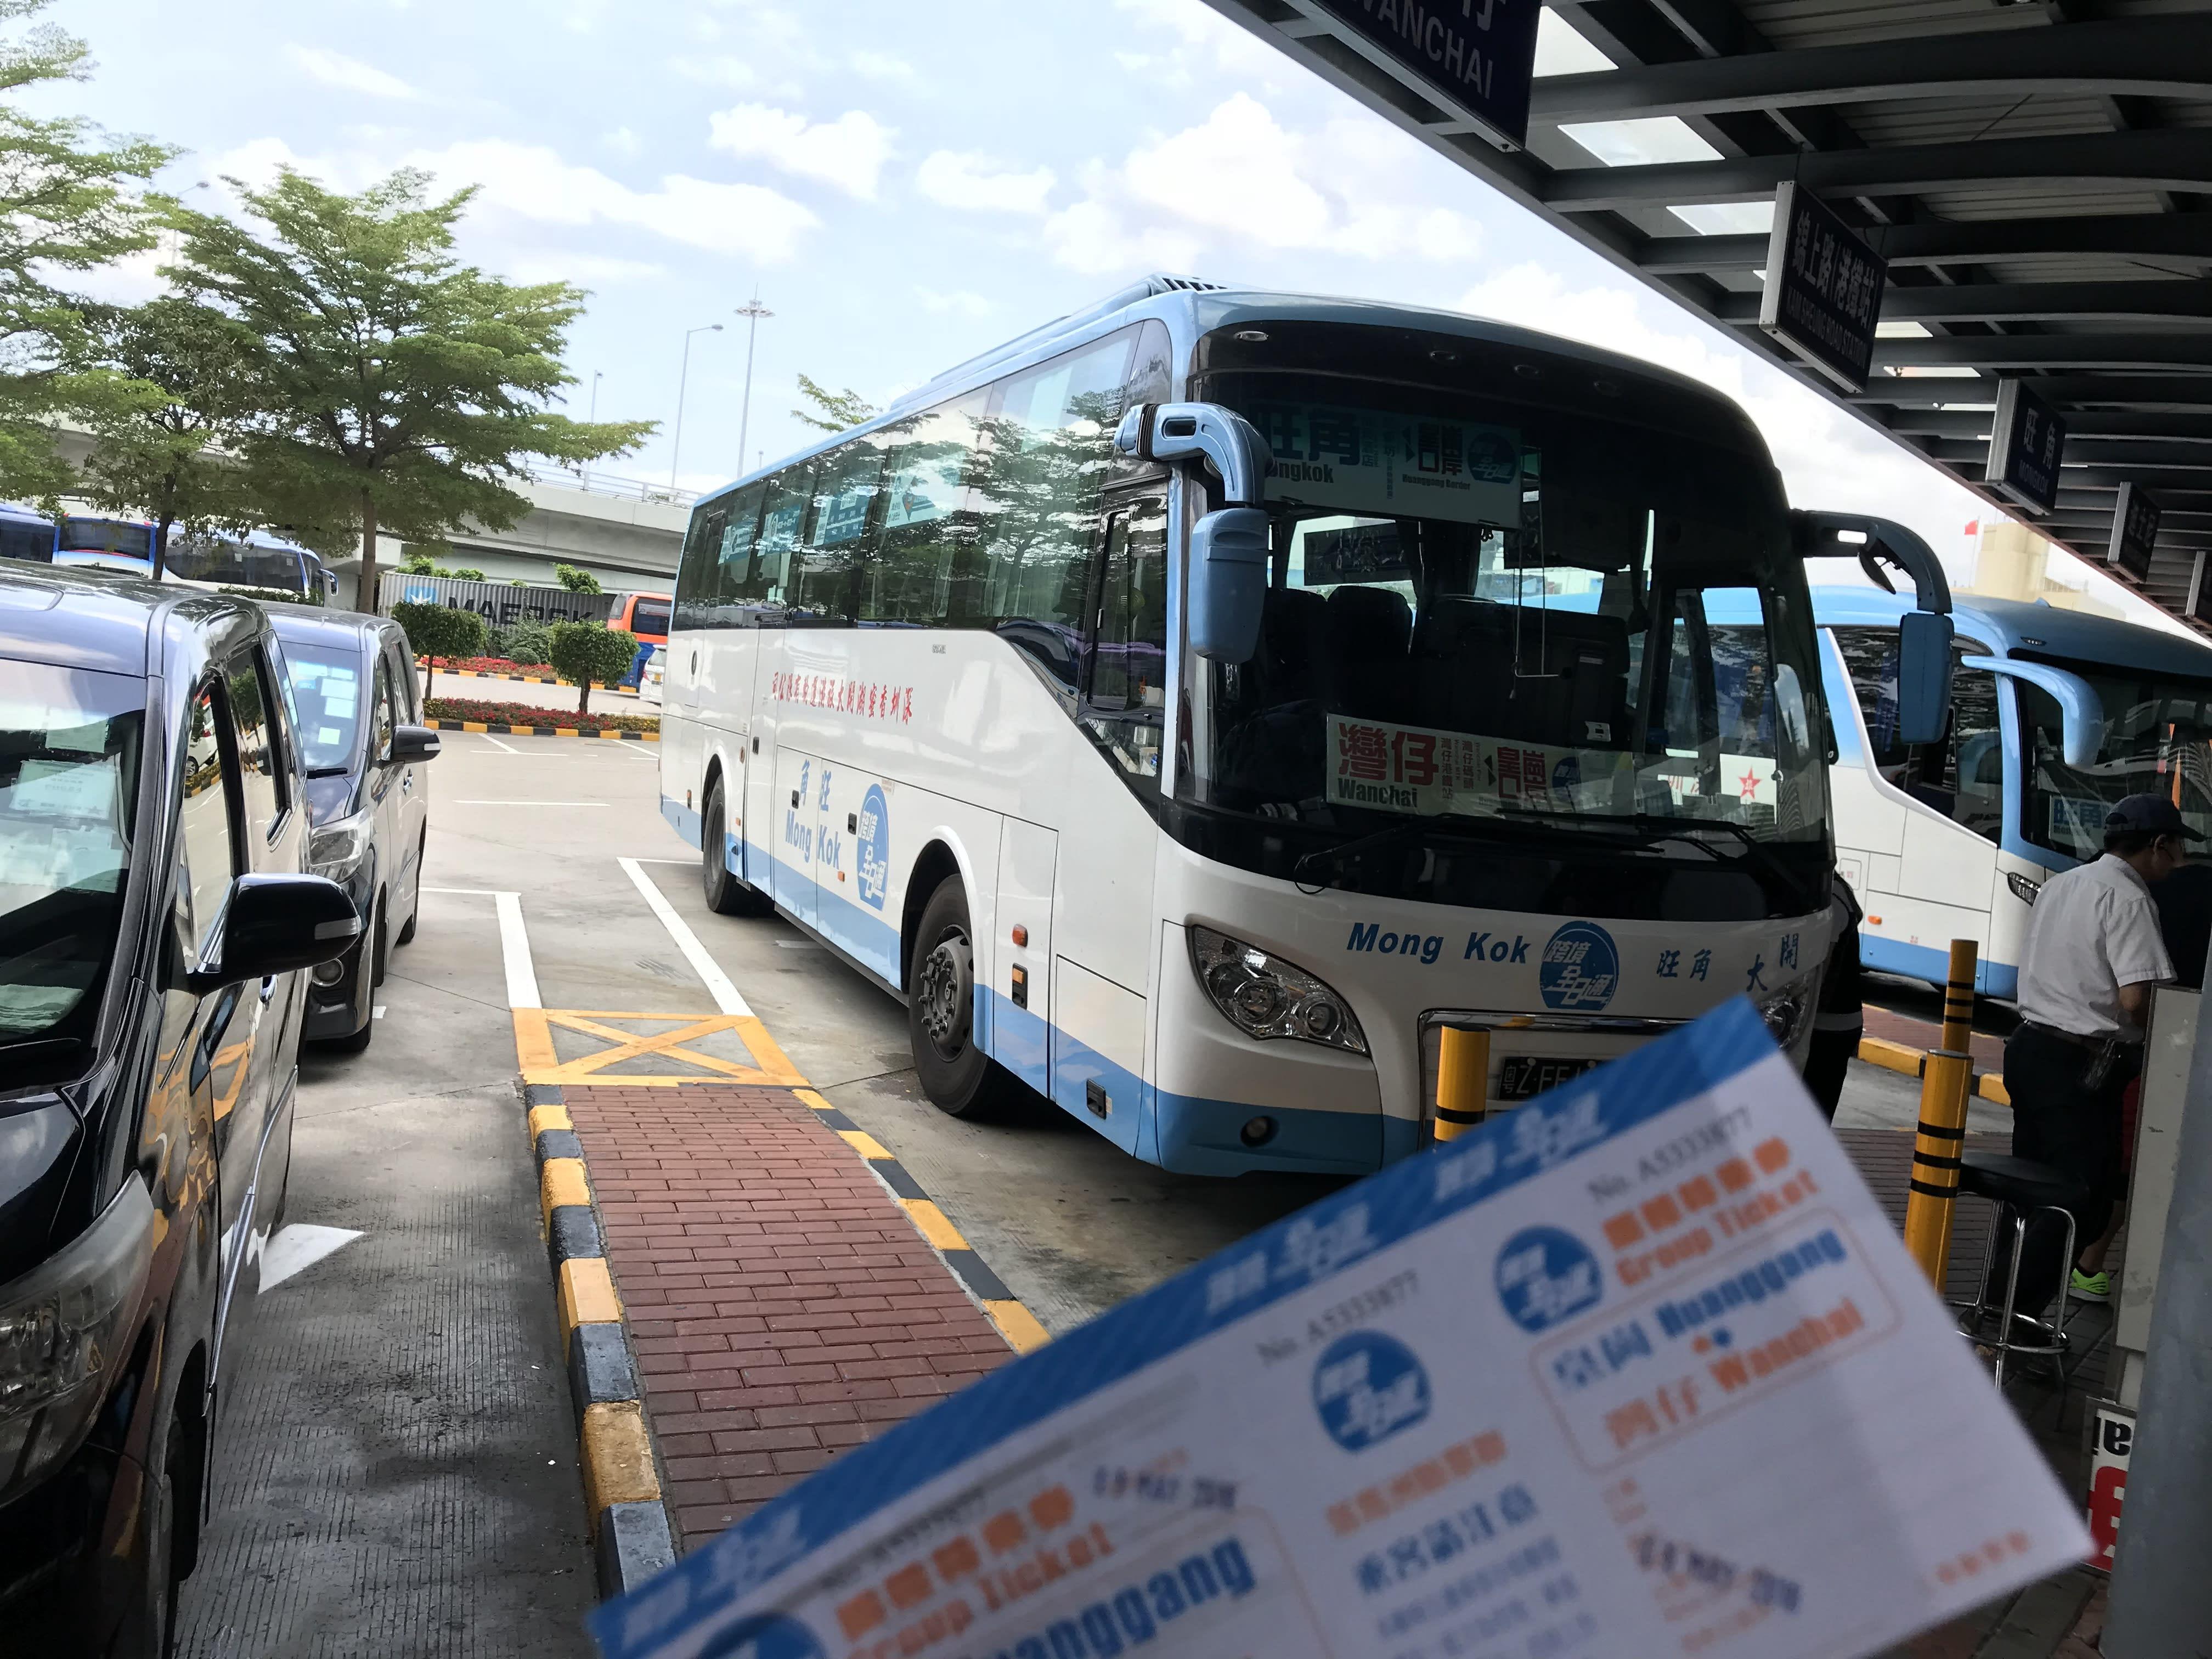 深圳到香港交通 跨境巴士上車處